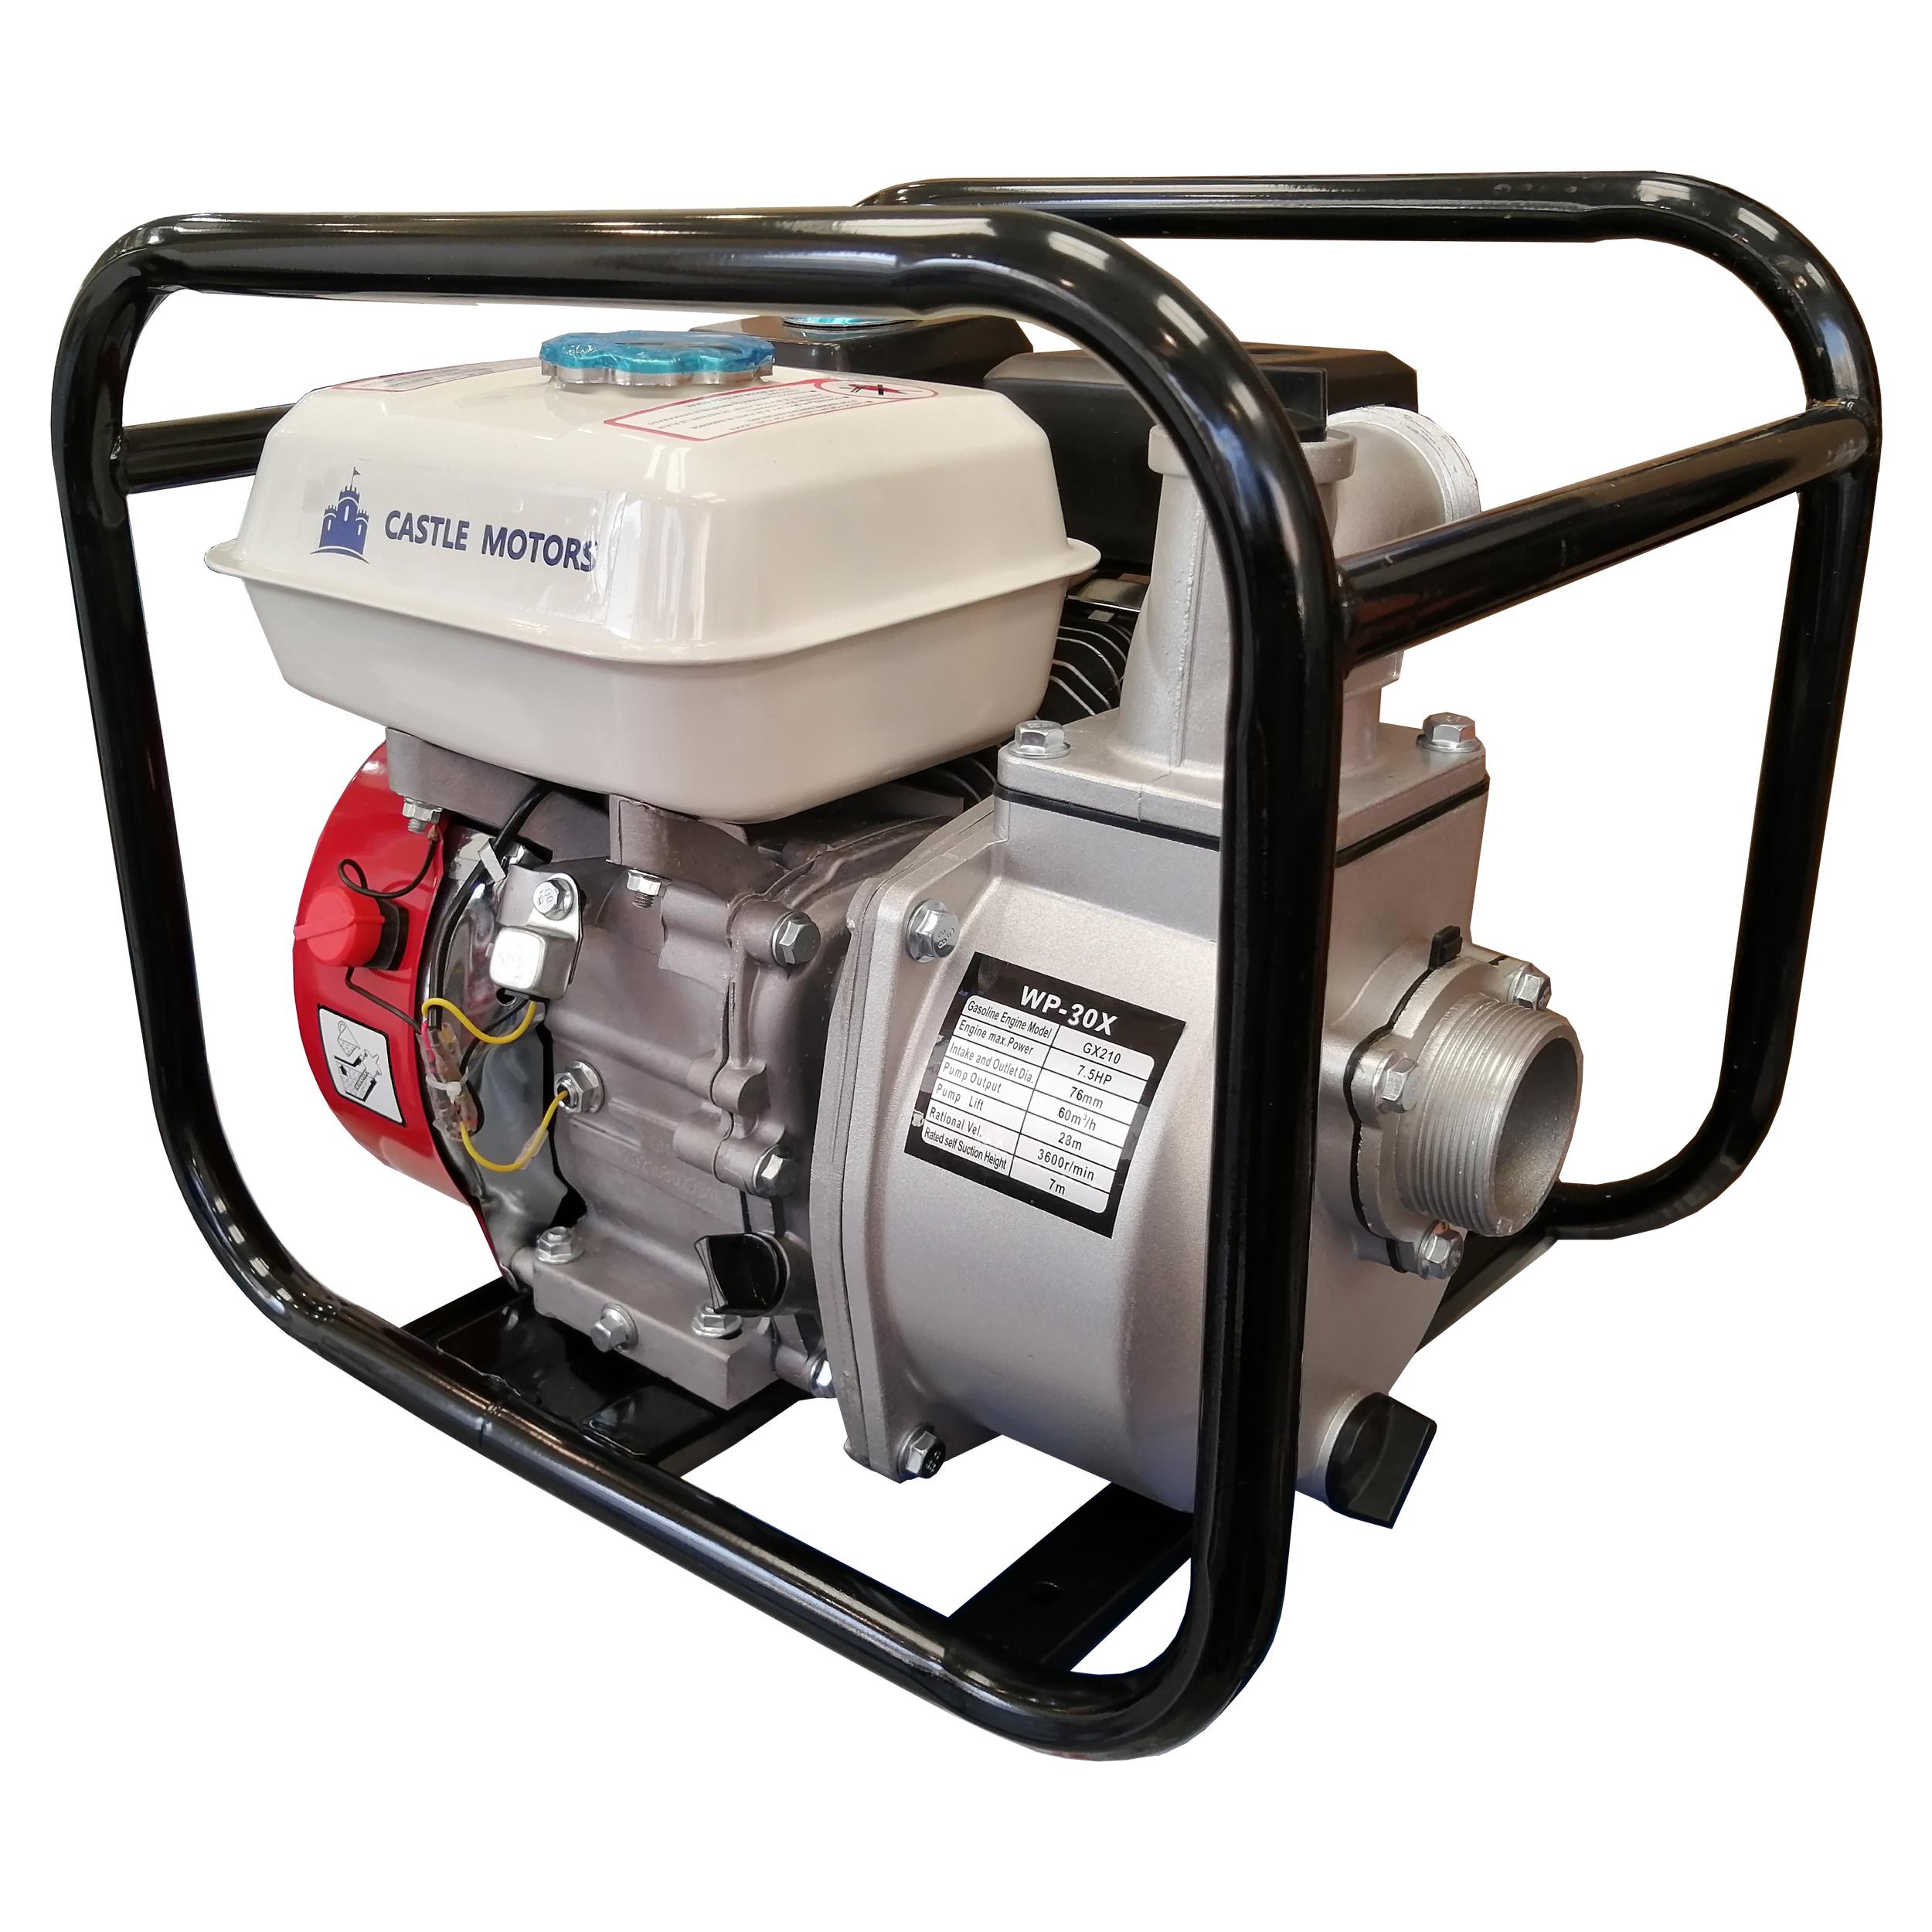 موتور پمپ  آب بنزینی کستل موتورز مدل WP-30X